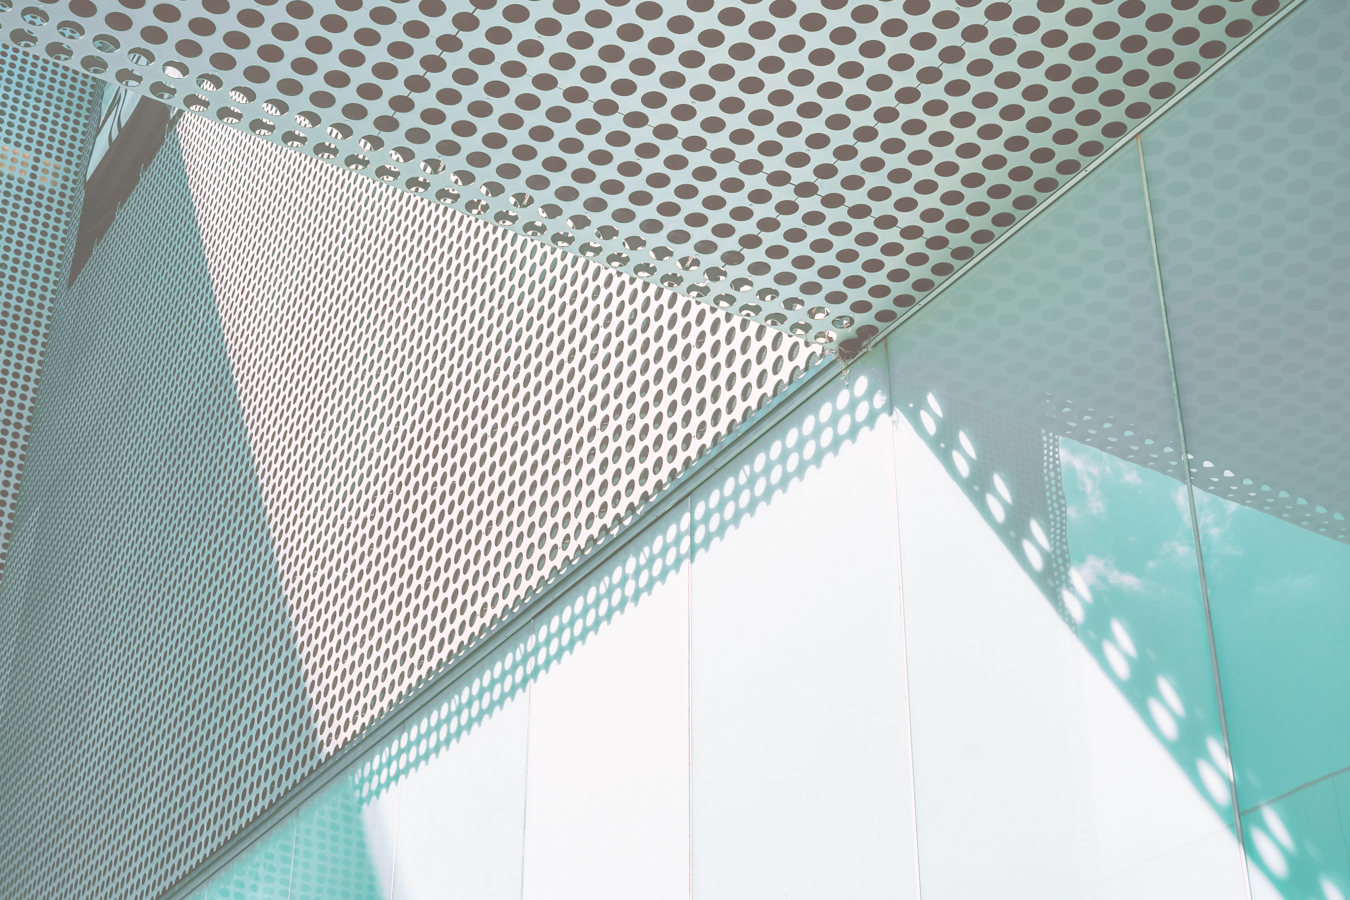 Tampa Museum of Art